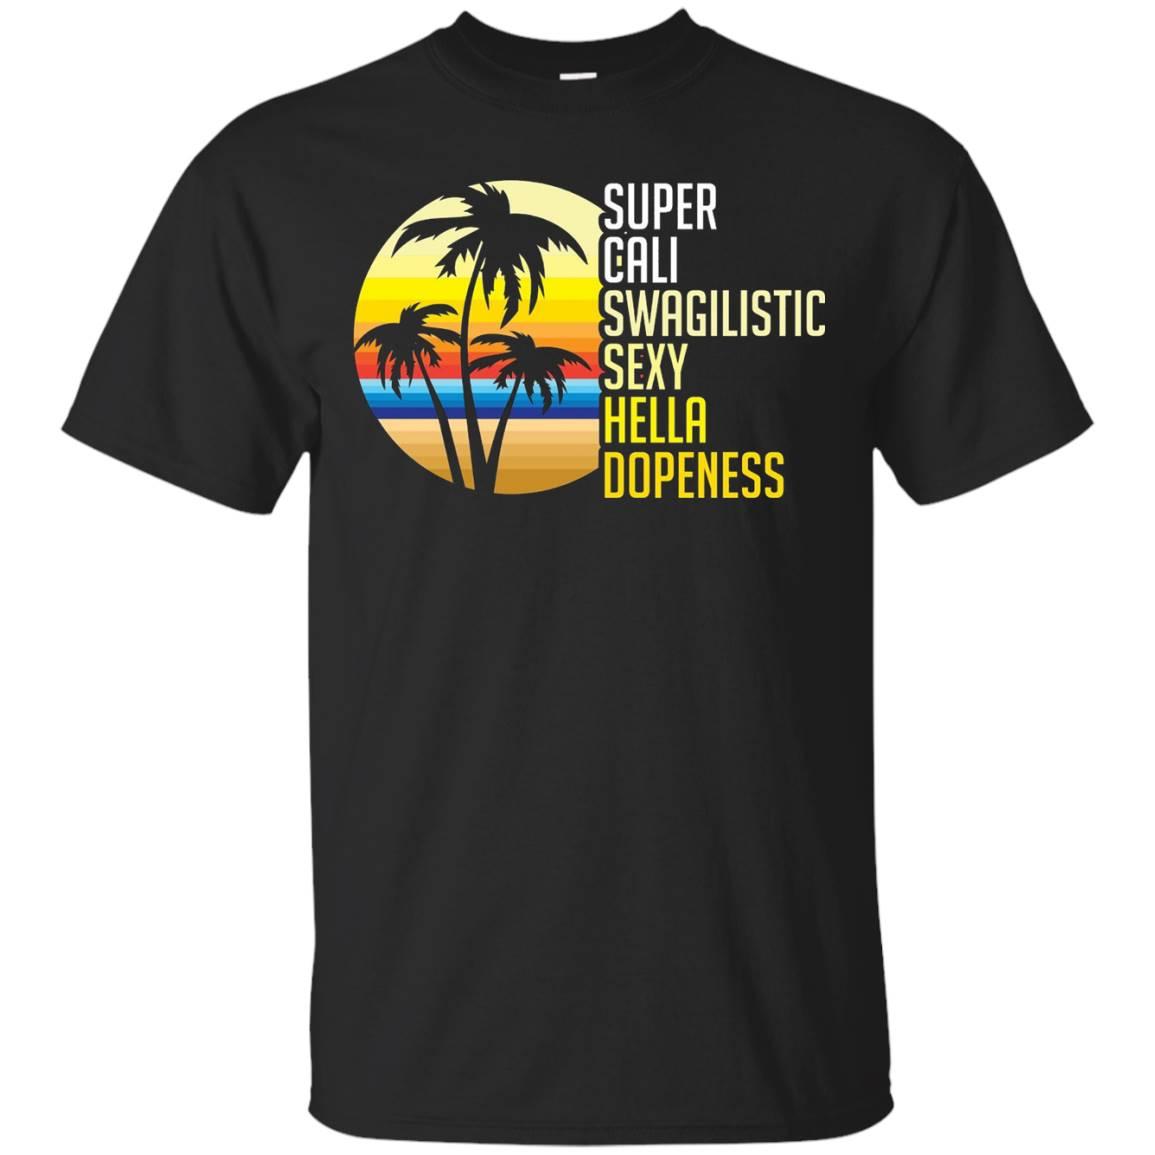 California T-shirt, Super Cali, Beach Party Tee, Zany Brainy